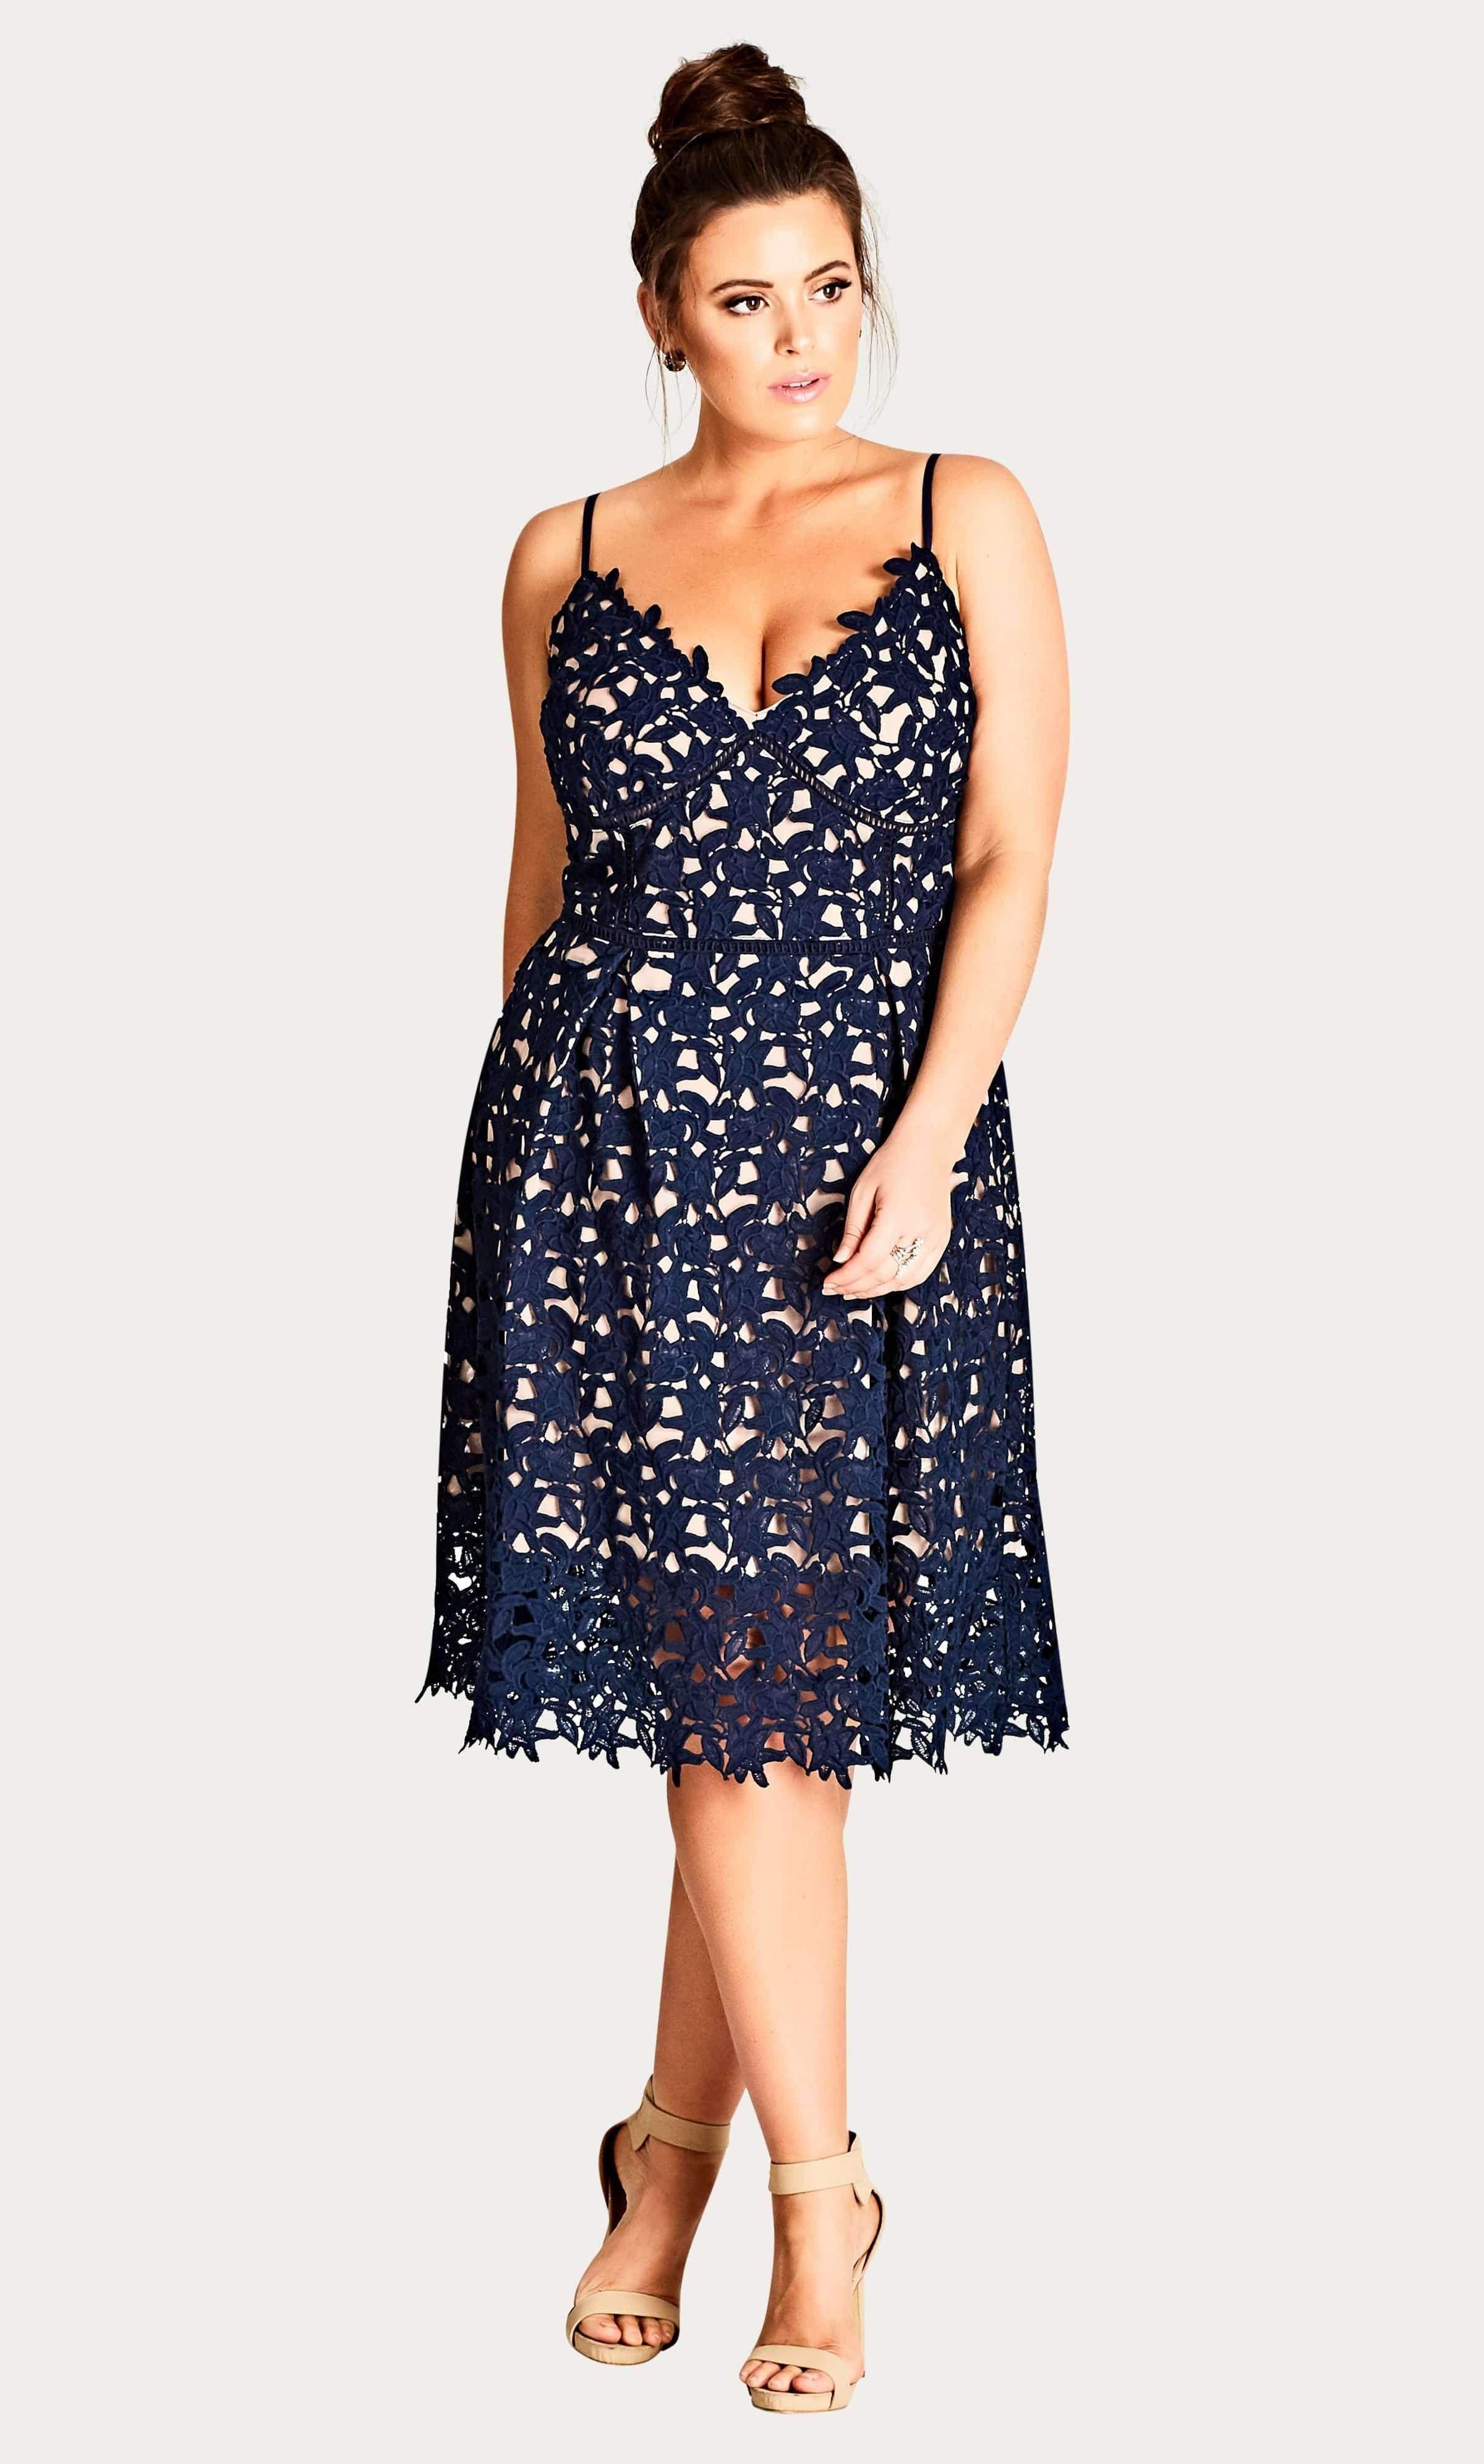 Navy So Fancy Crochet Fit Flare Dress Plus Size Dresses Plus Size Wedding Guest Dresses Flare Dress [ 3984 x 2400 Pixel ]